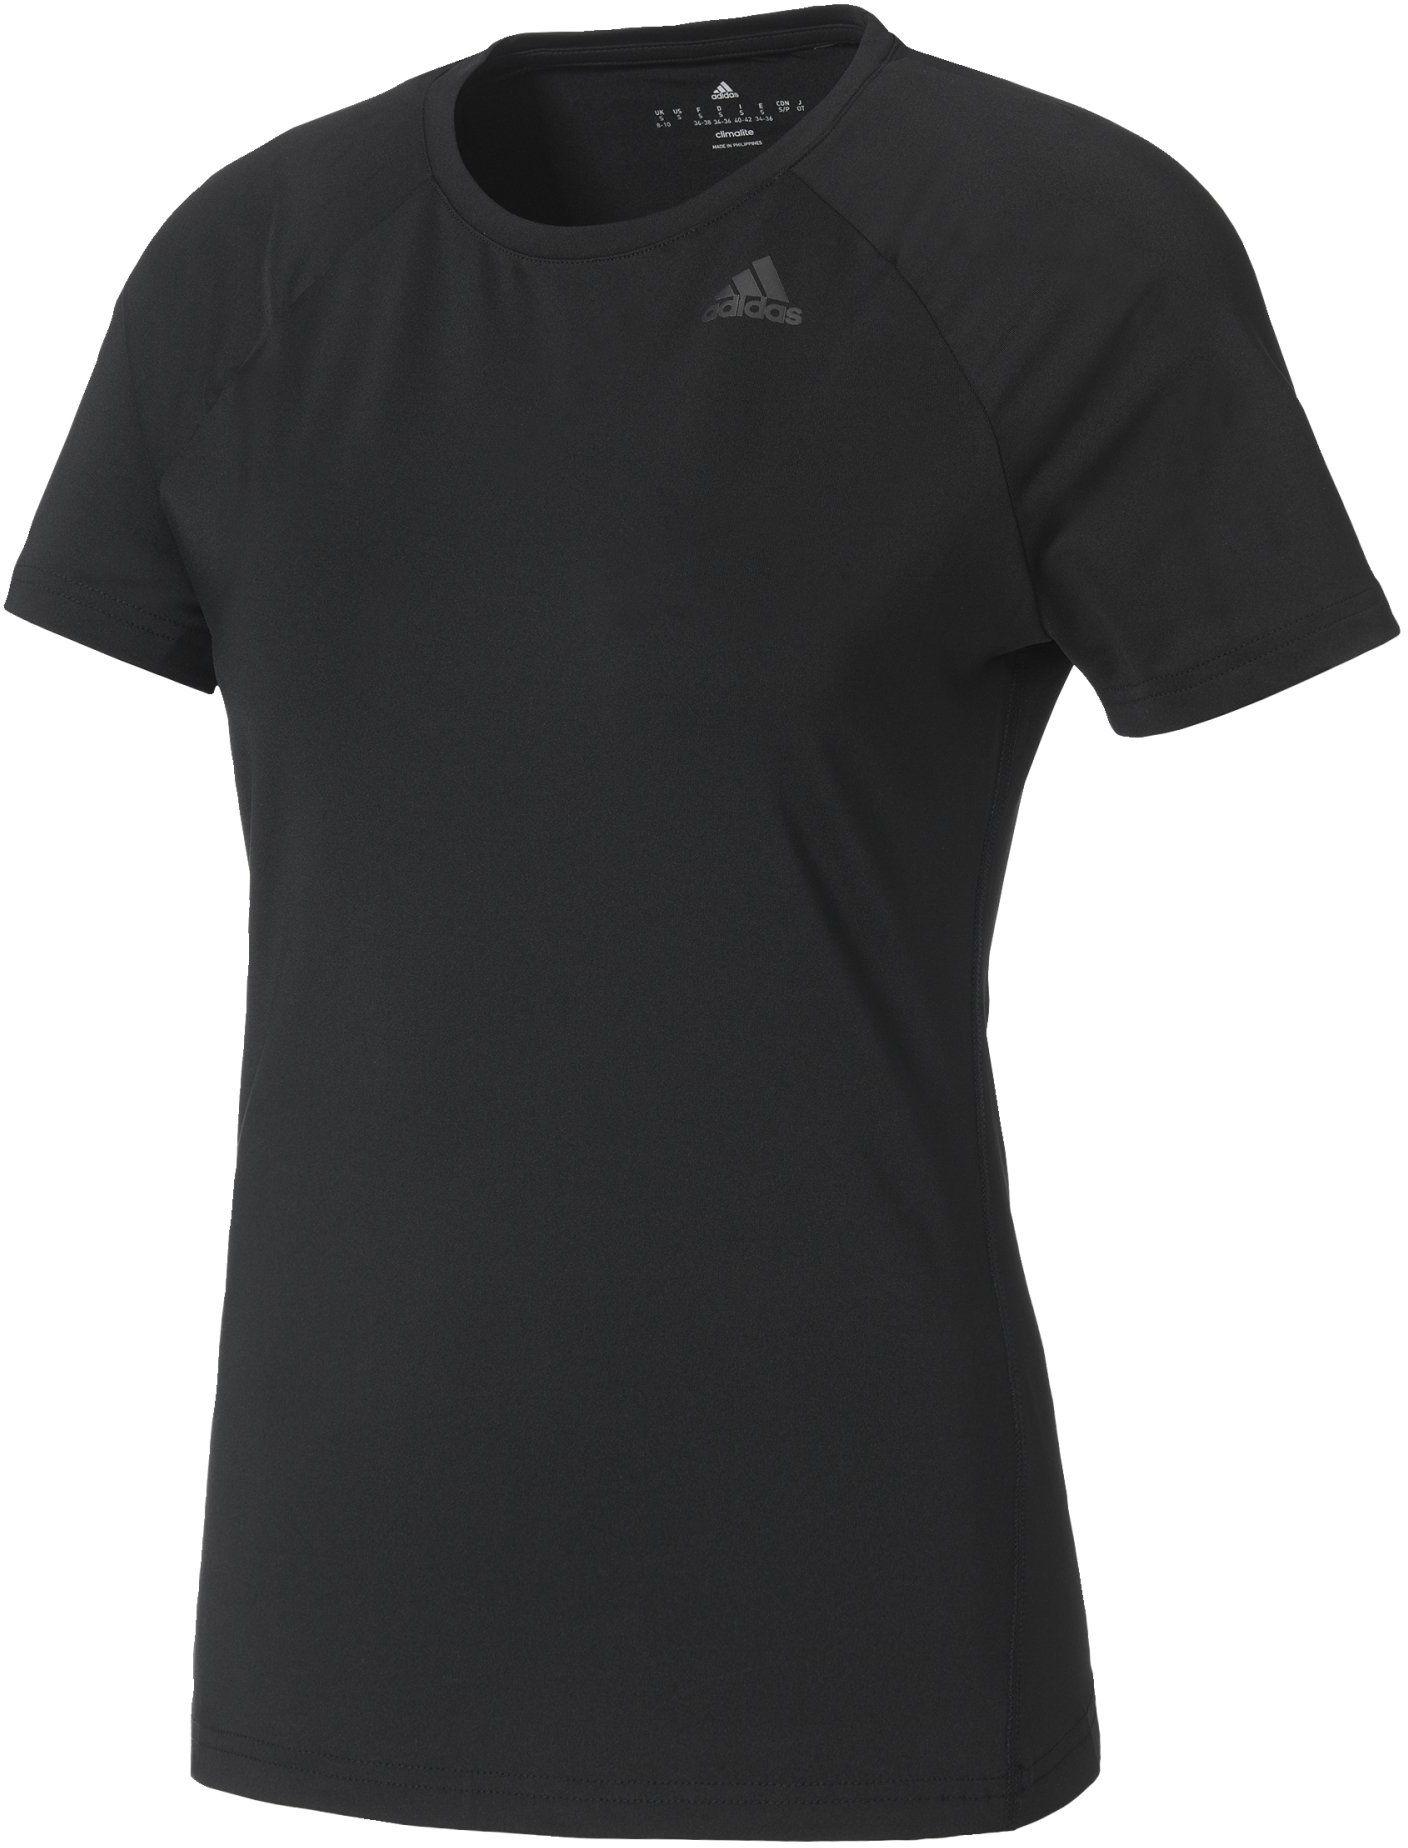 adidas damska koszulka D2m Czarny XS